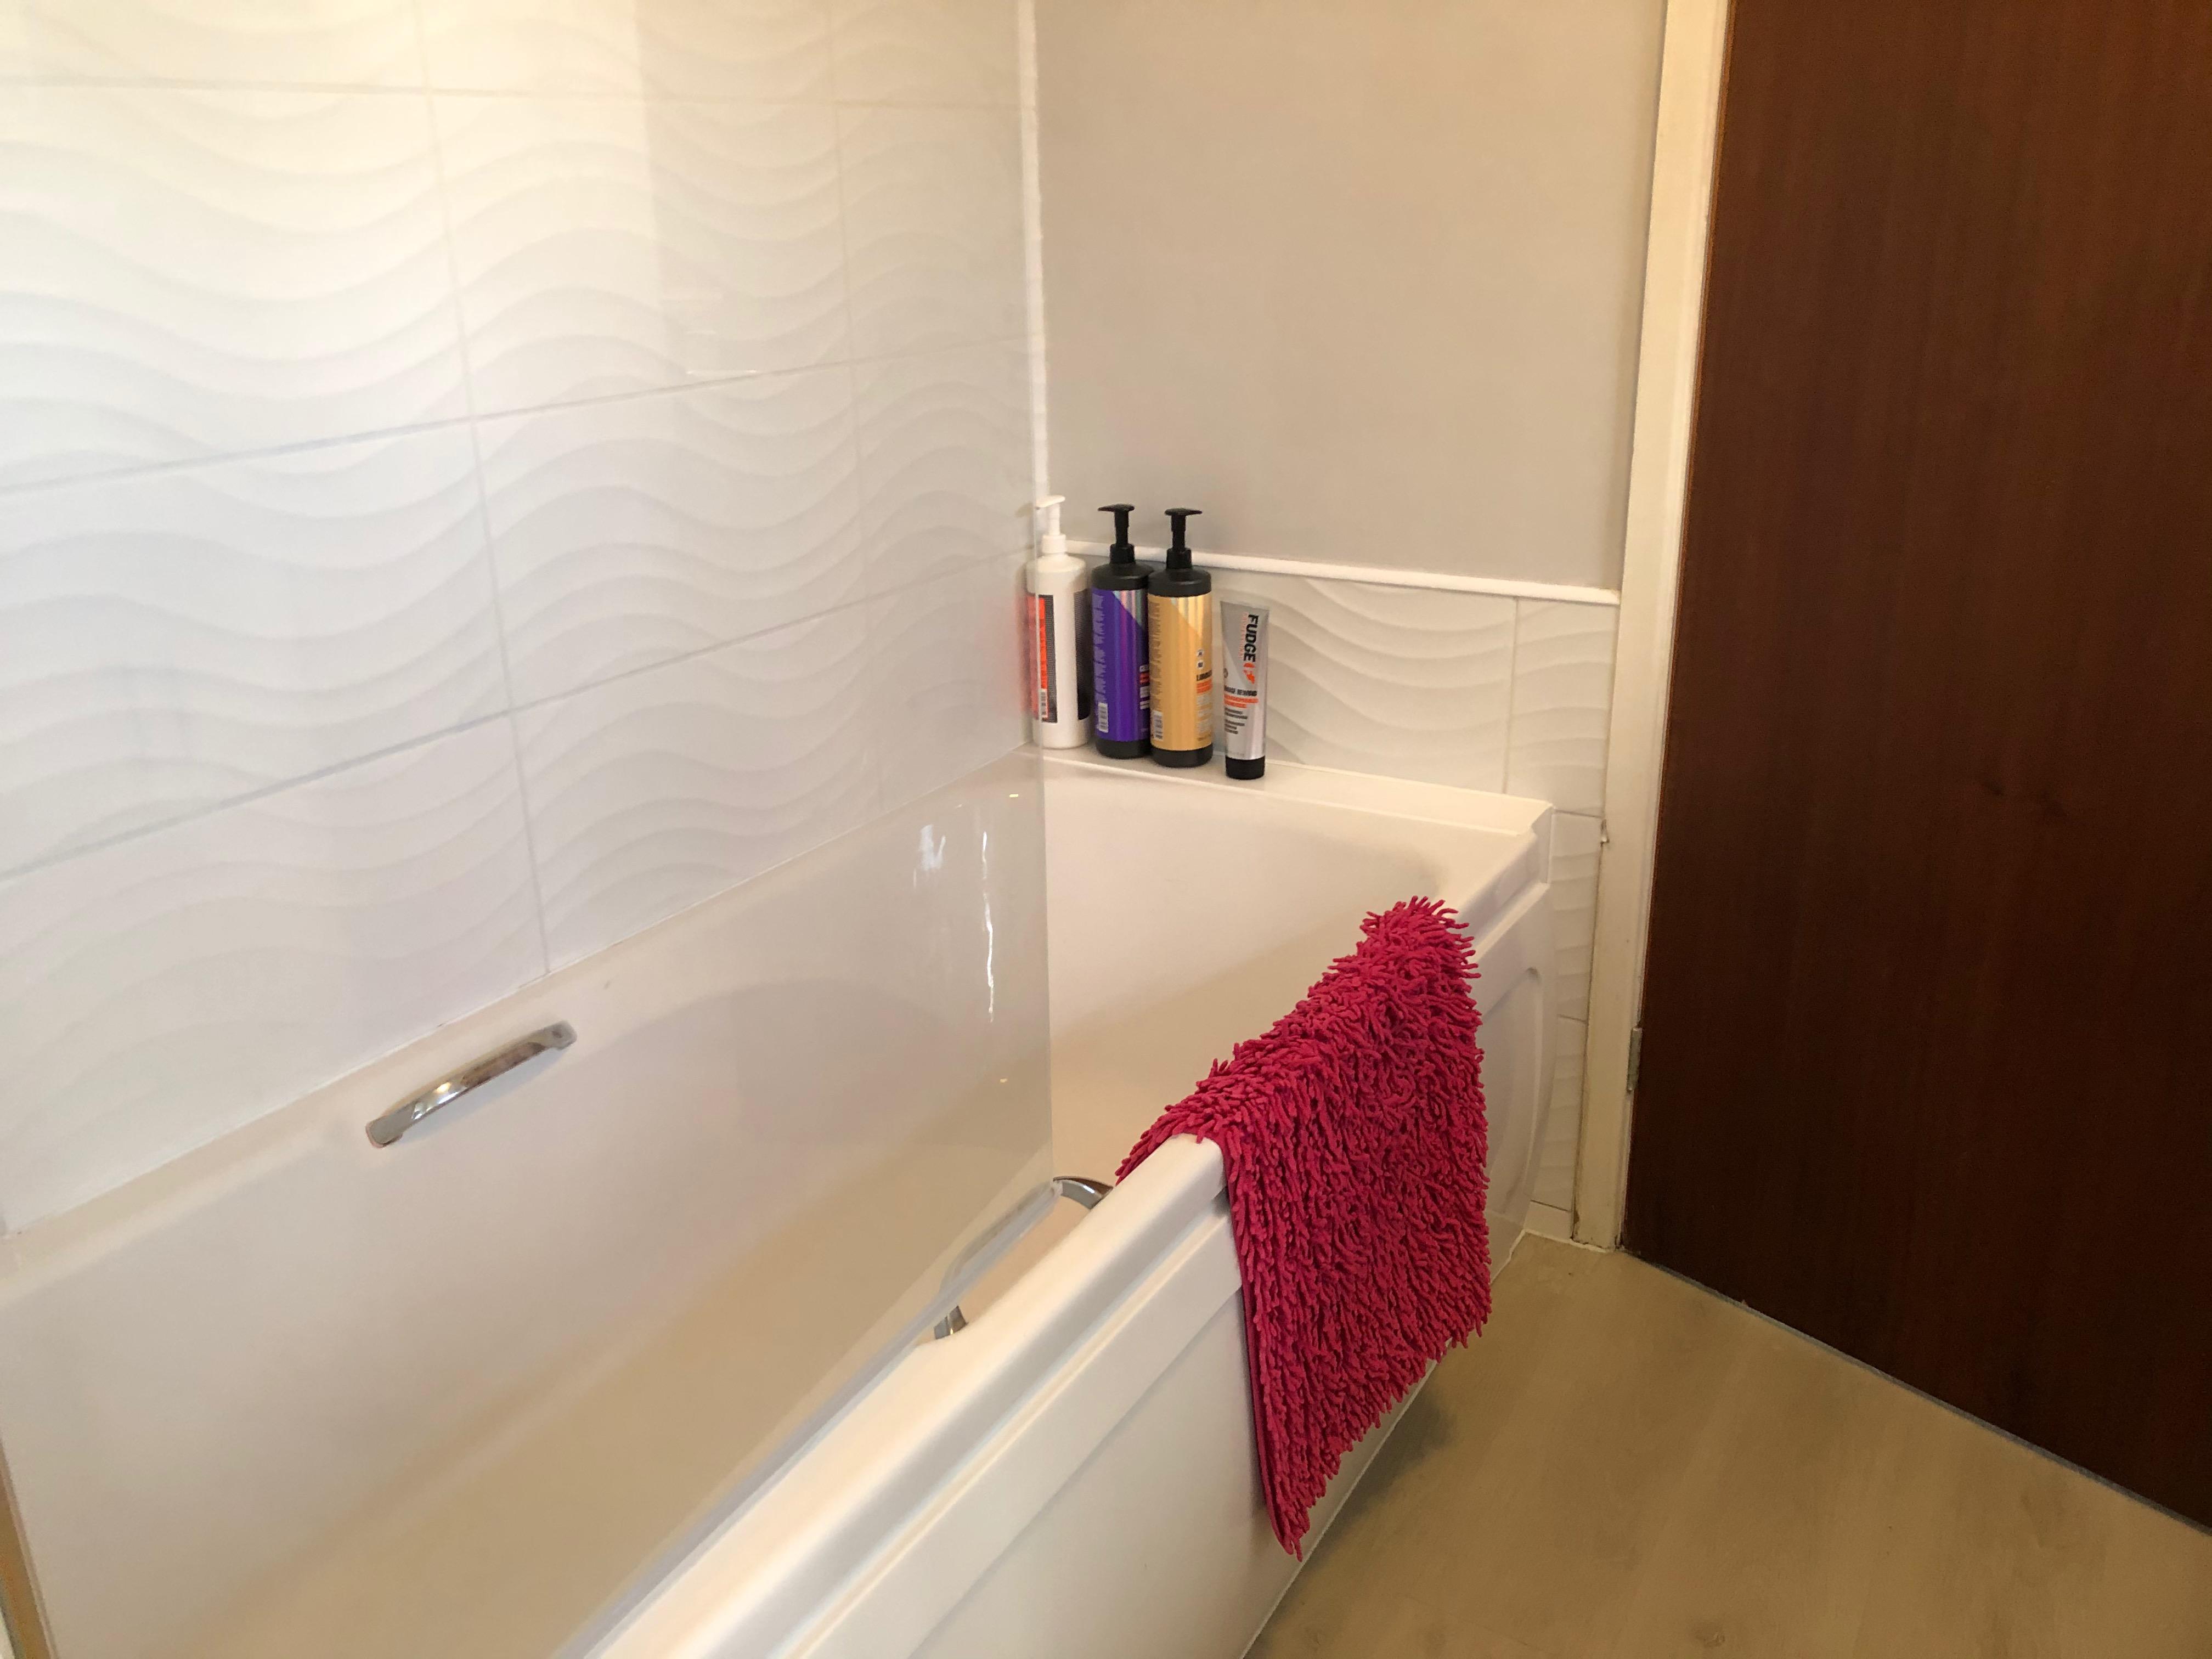 Annexe Bathroom pic b